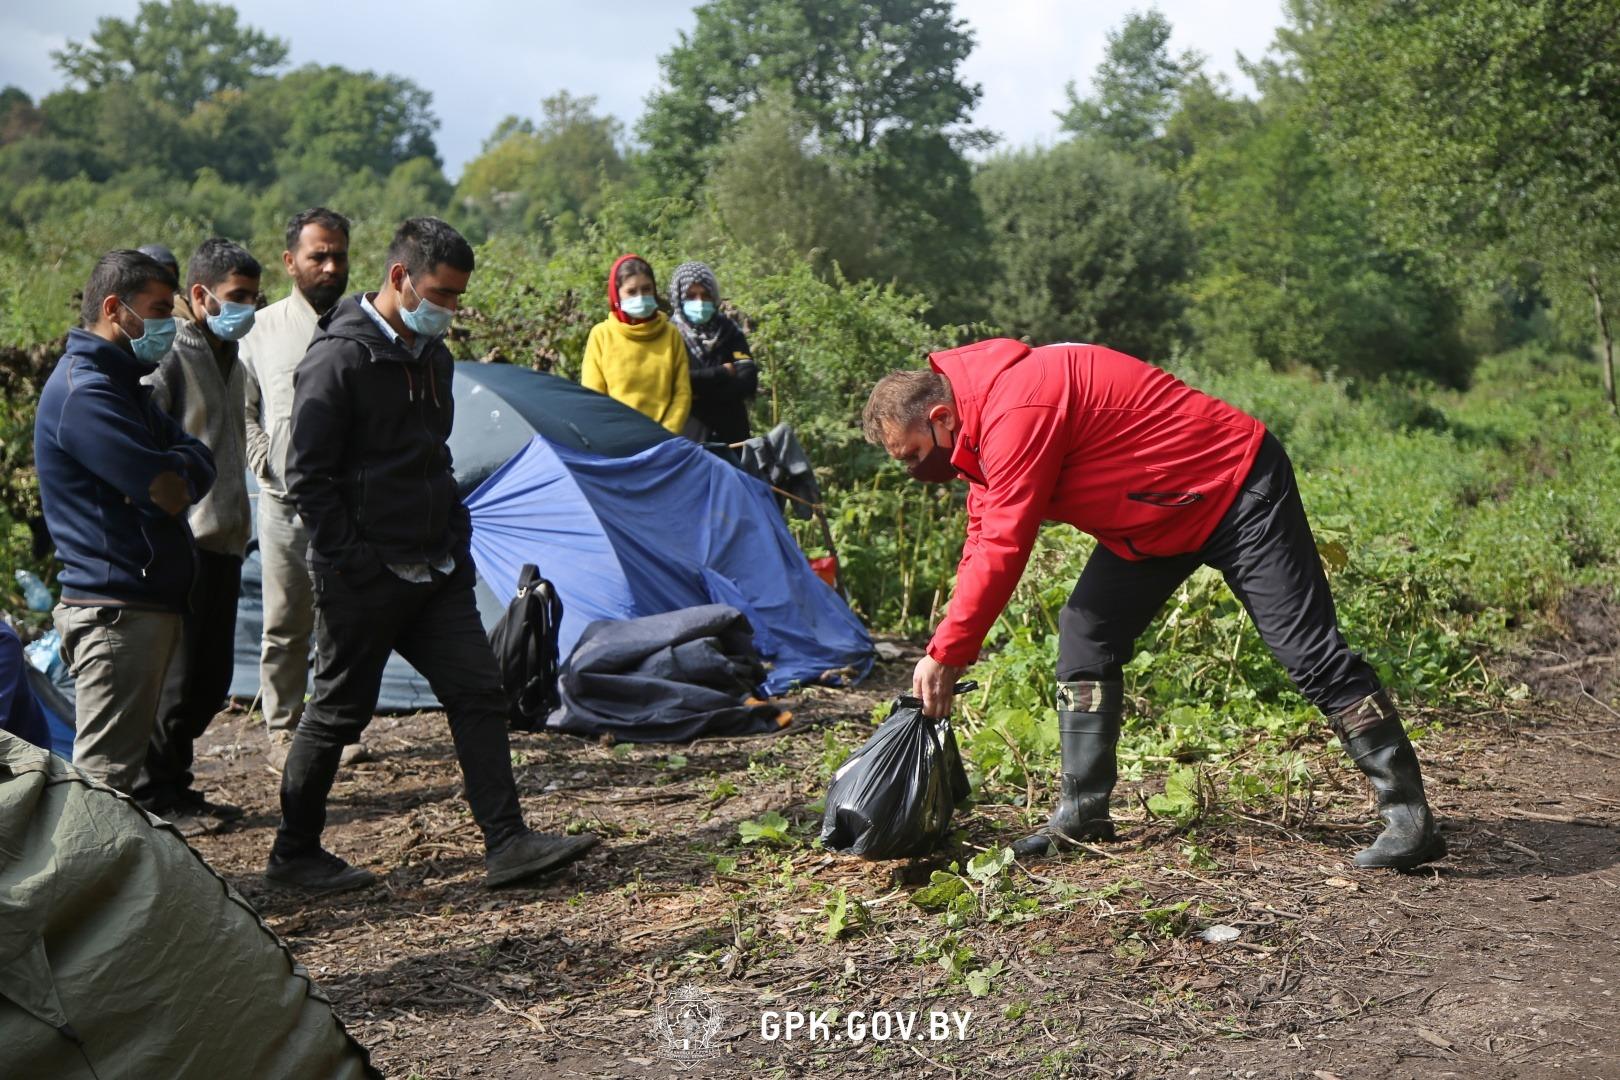 ООН выразила благодарность Беларуси за передачу гуманитарной помощи беженцам